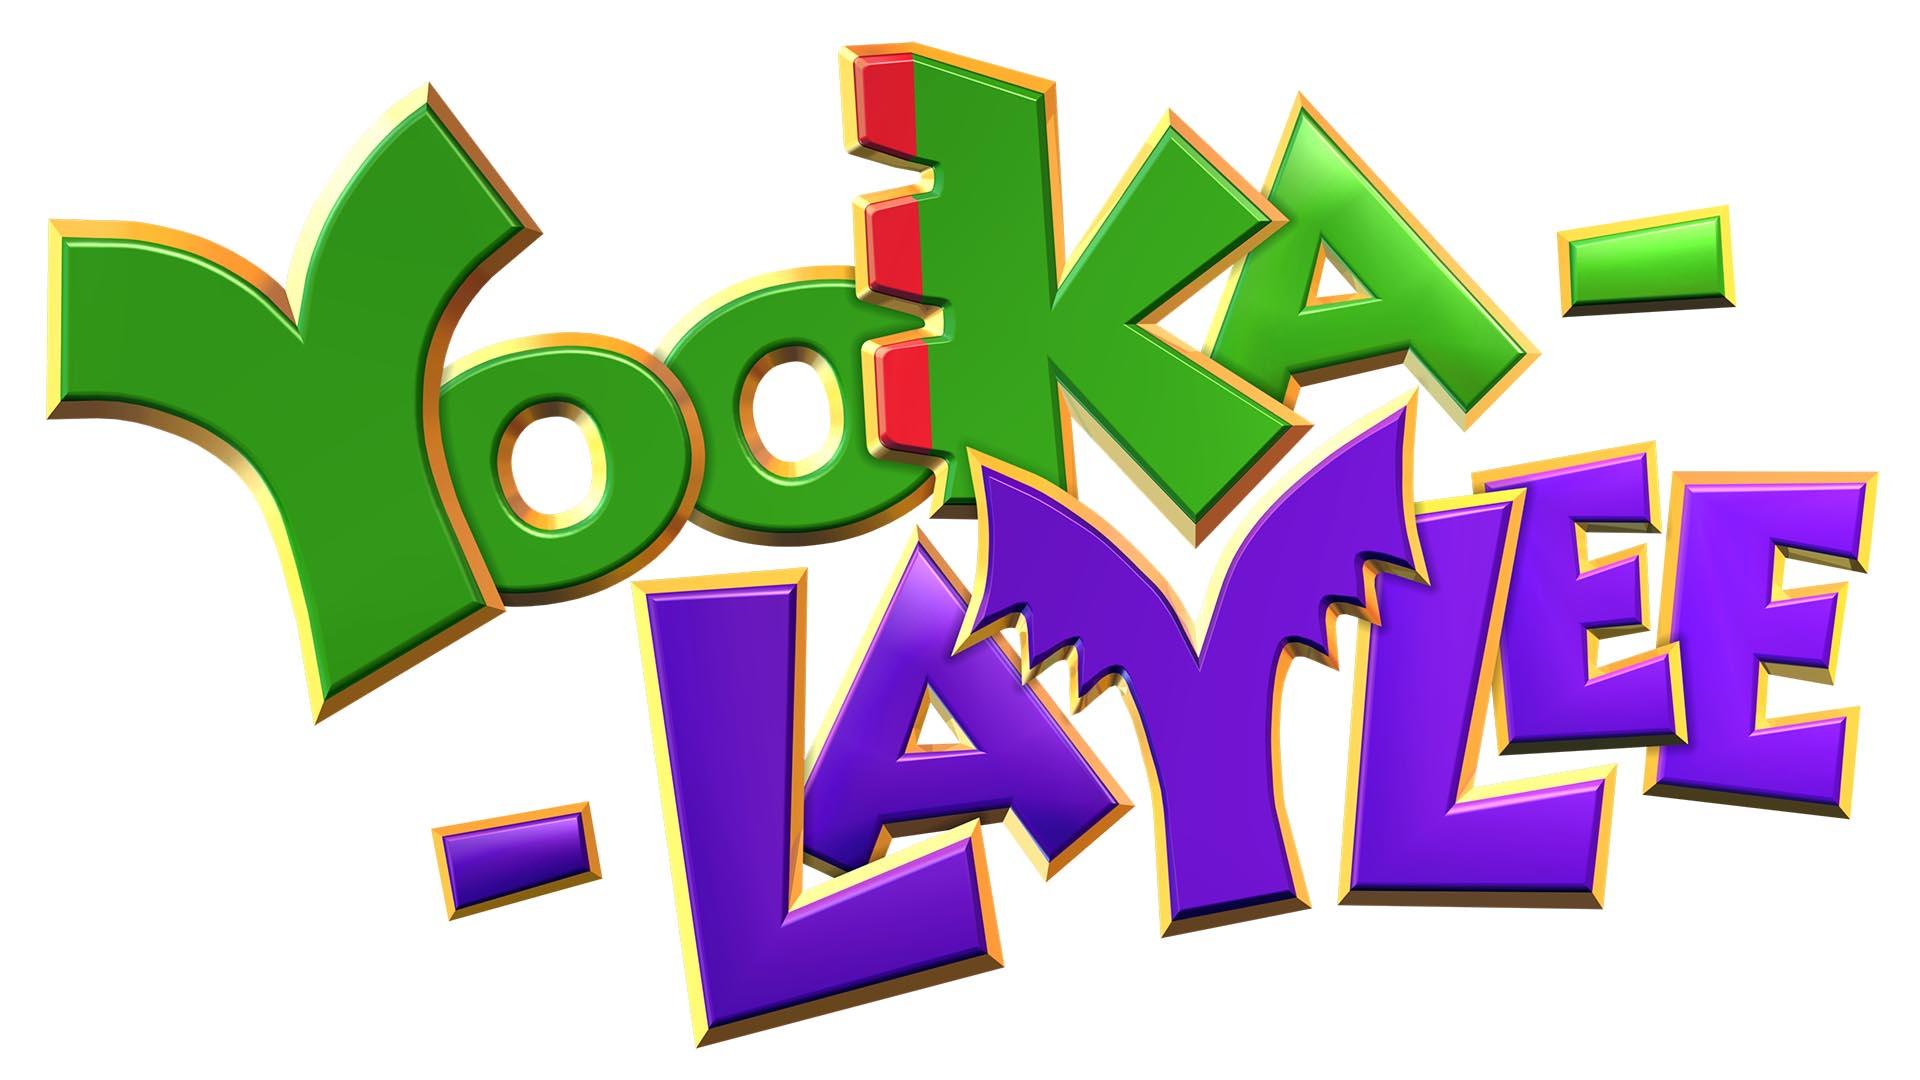 Neuer Yooka-Laylee Gameplay-Trailer zeigt eisige Gletscherwelt